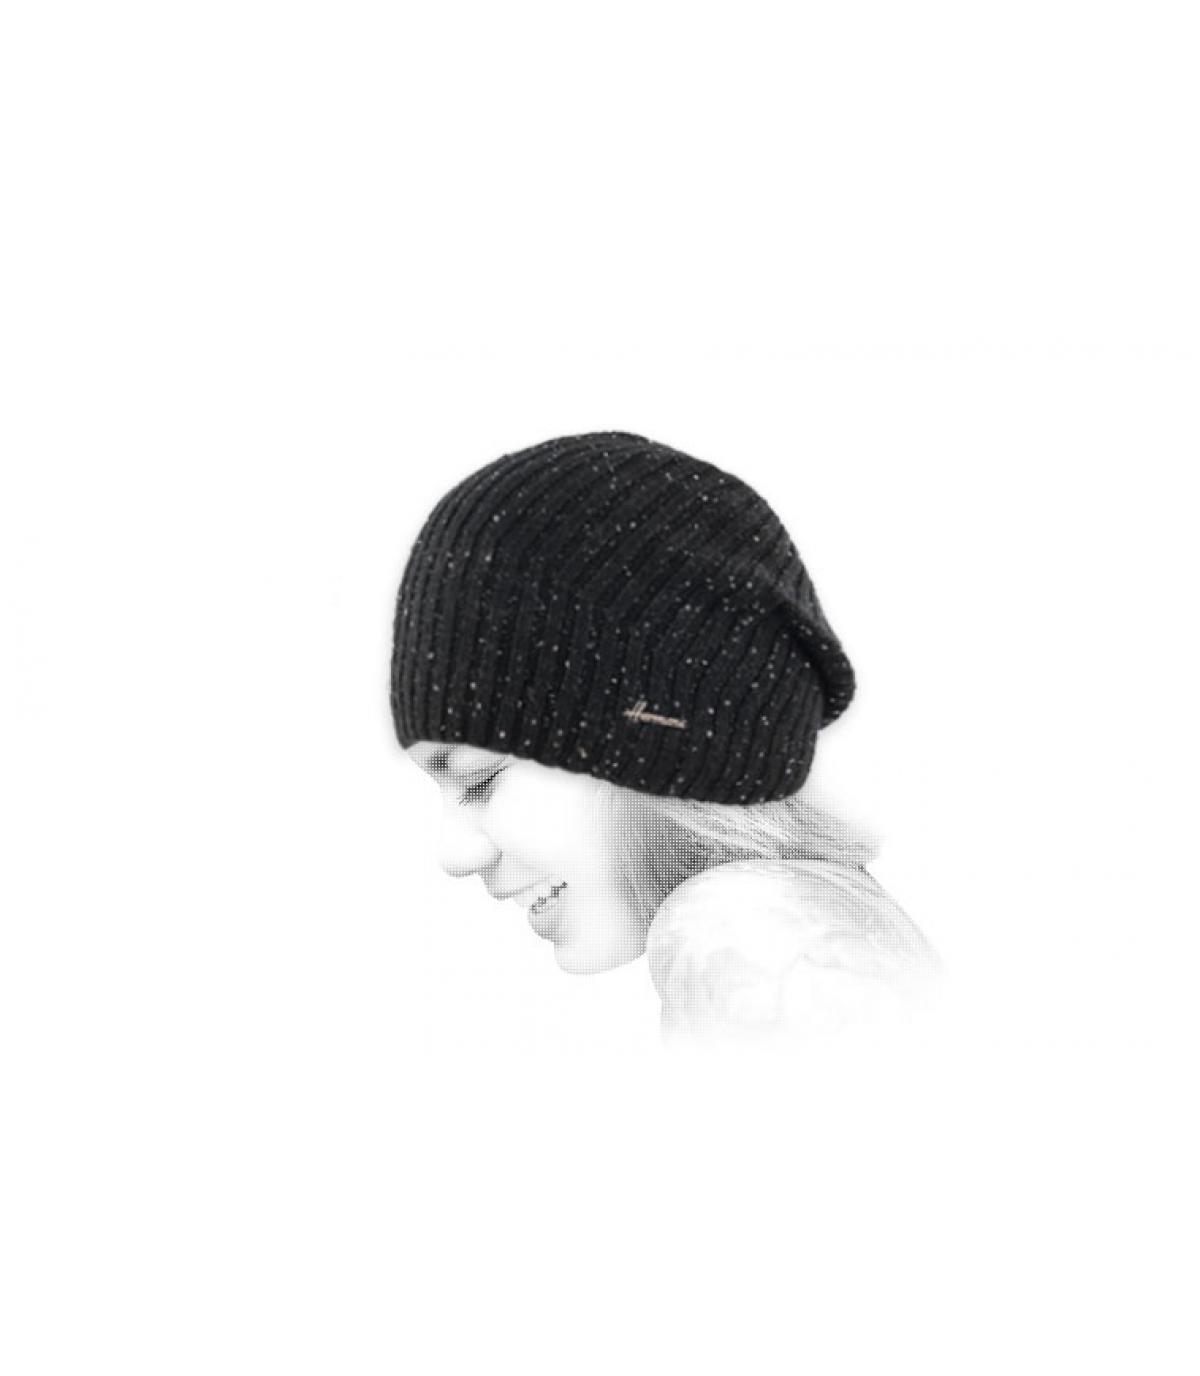 lungo cappuccio nero lucido